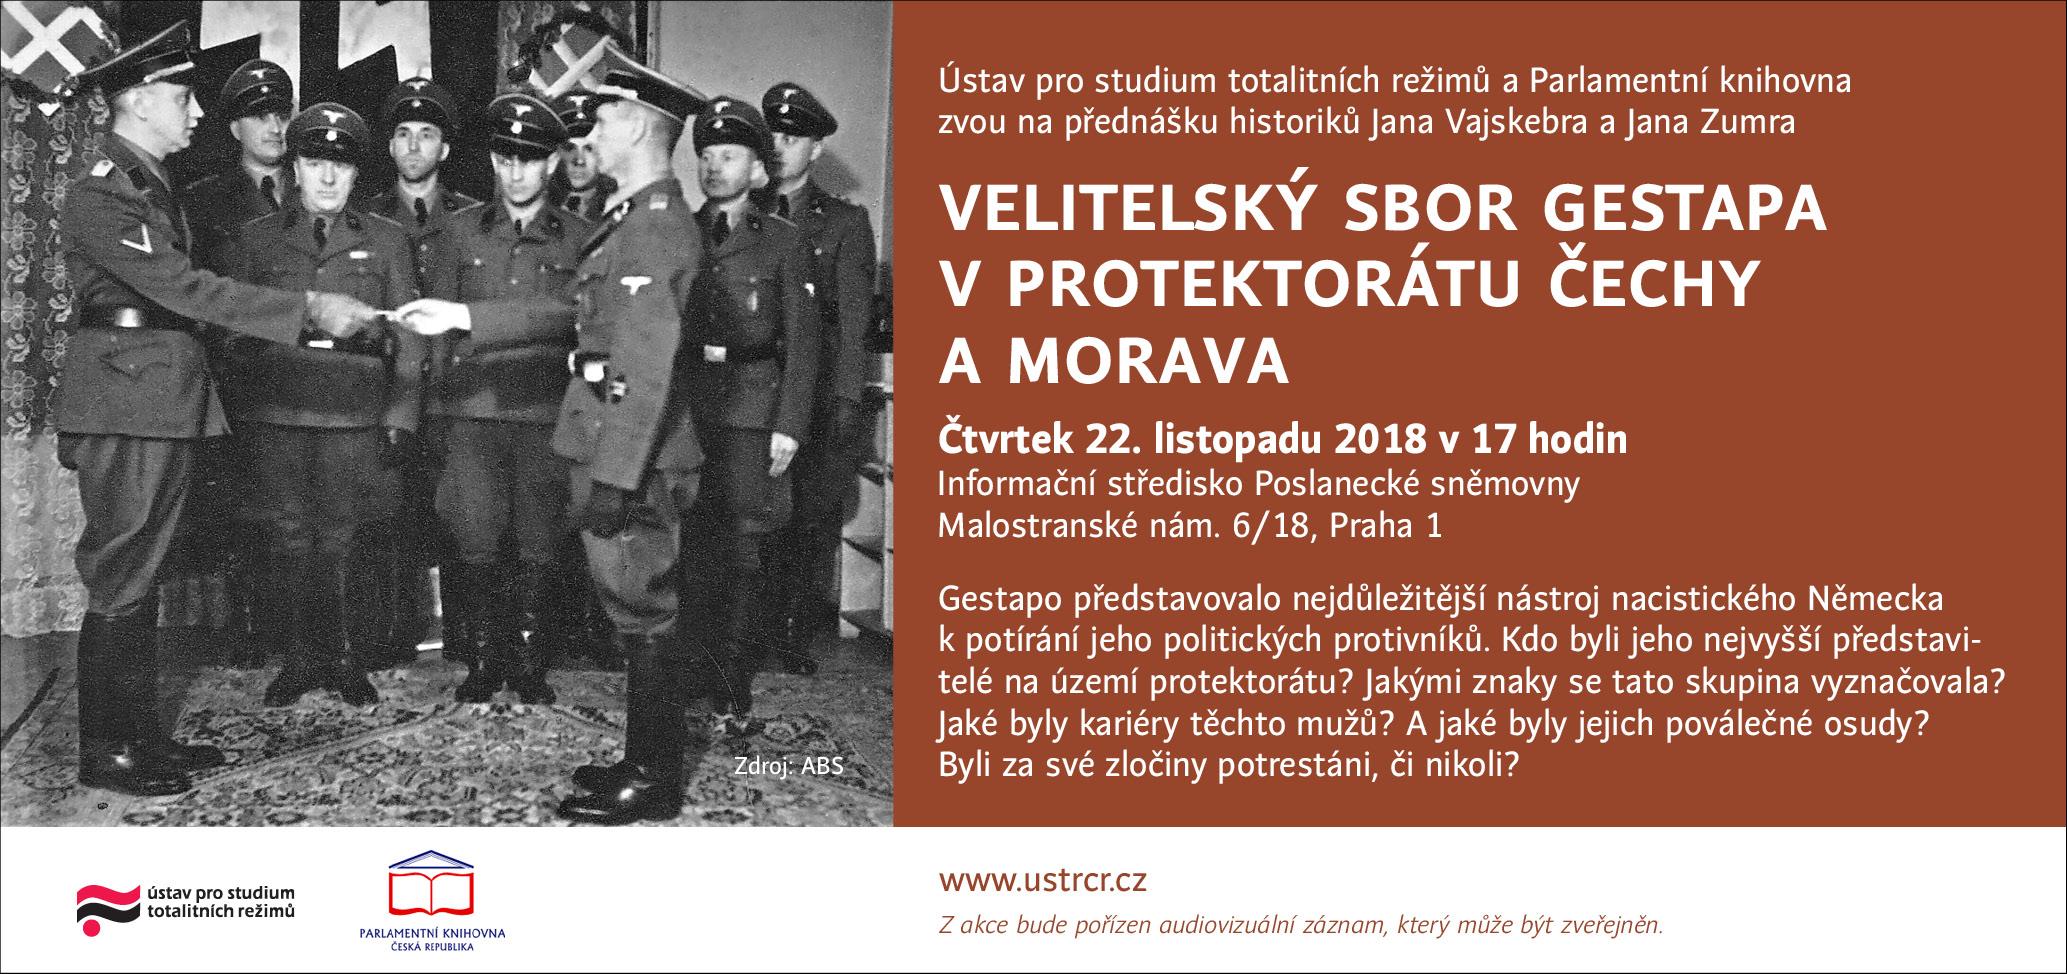 Přednáška: Velitelský sbor gestapa v protektorátu Čechy a Morava